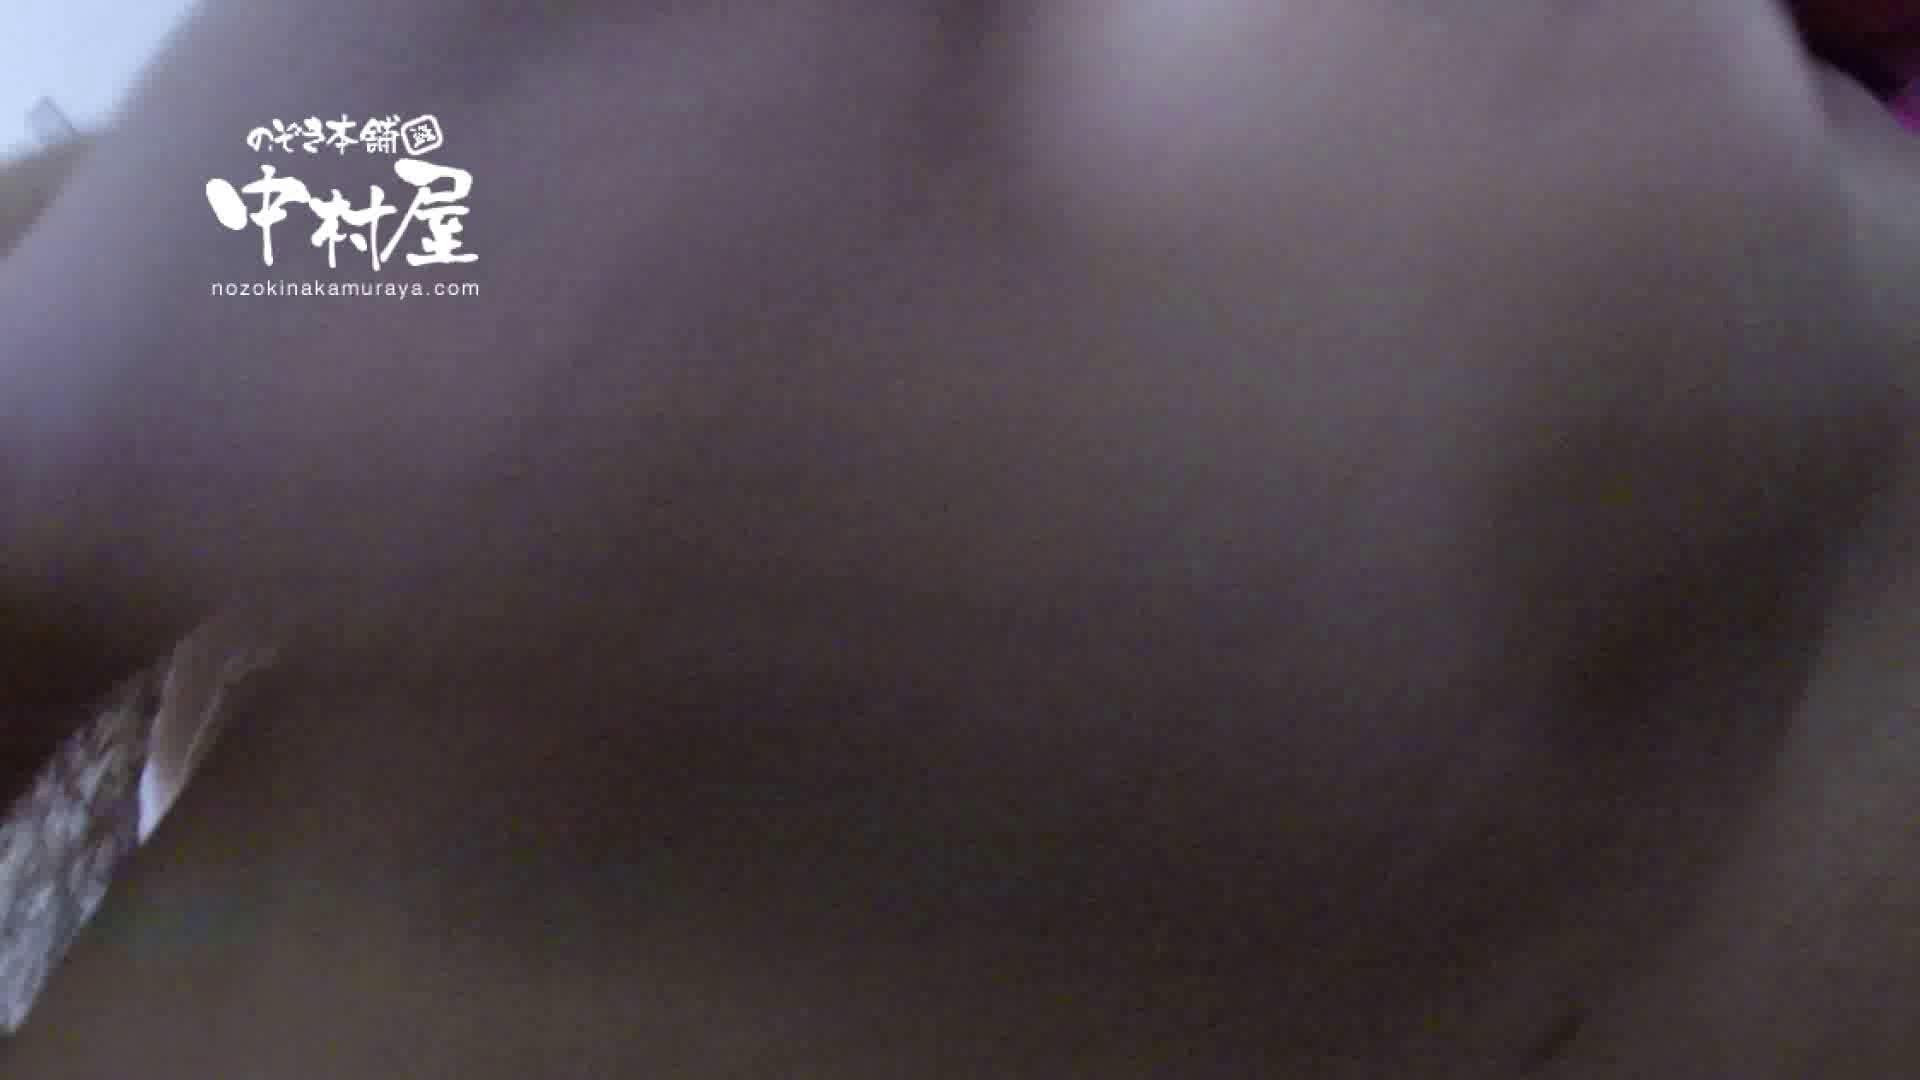 鬼畜 vol.12 剥ぎ取ったら色白でゴウモウだった 前編 OLセックス  110画像 98